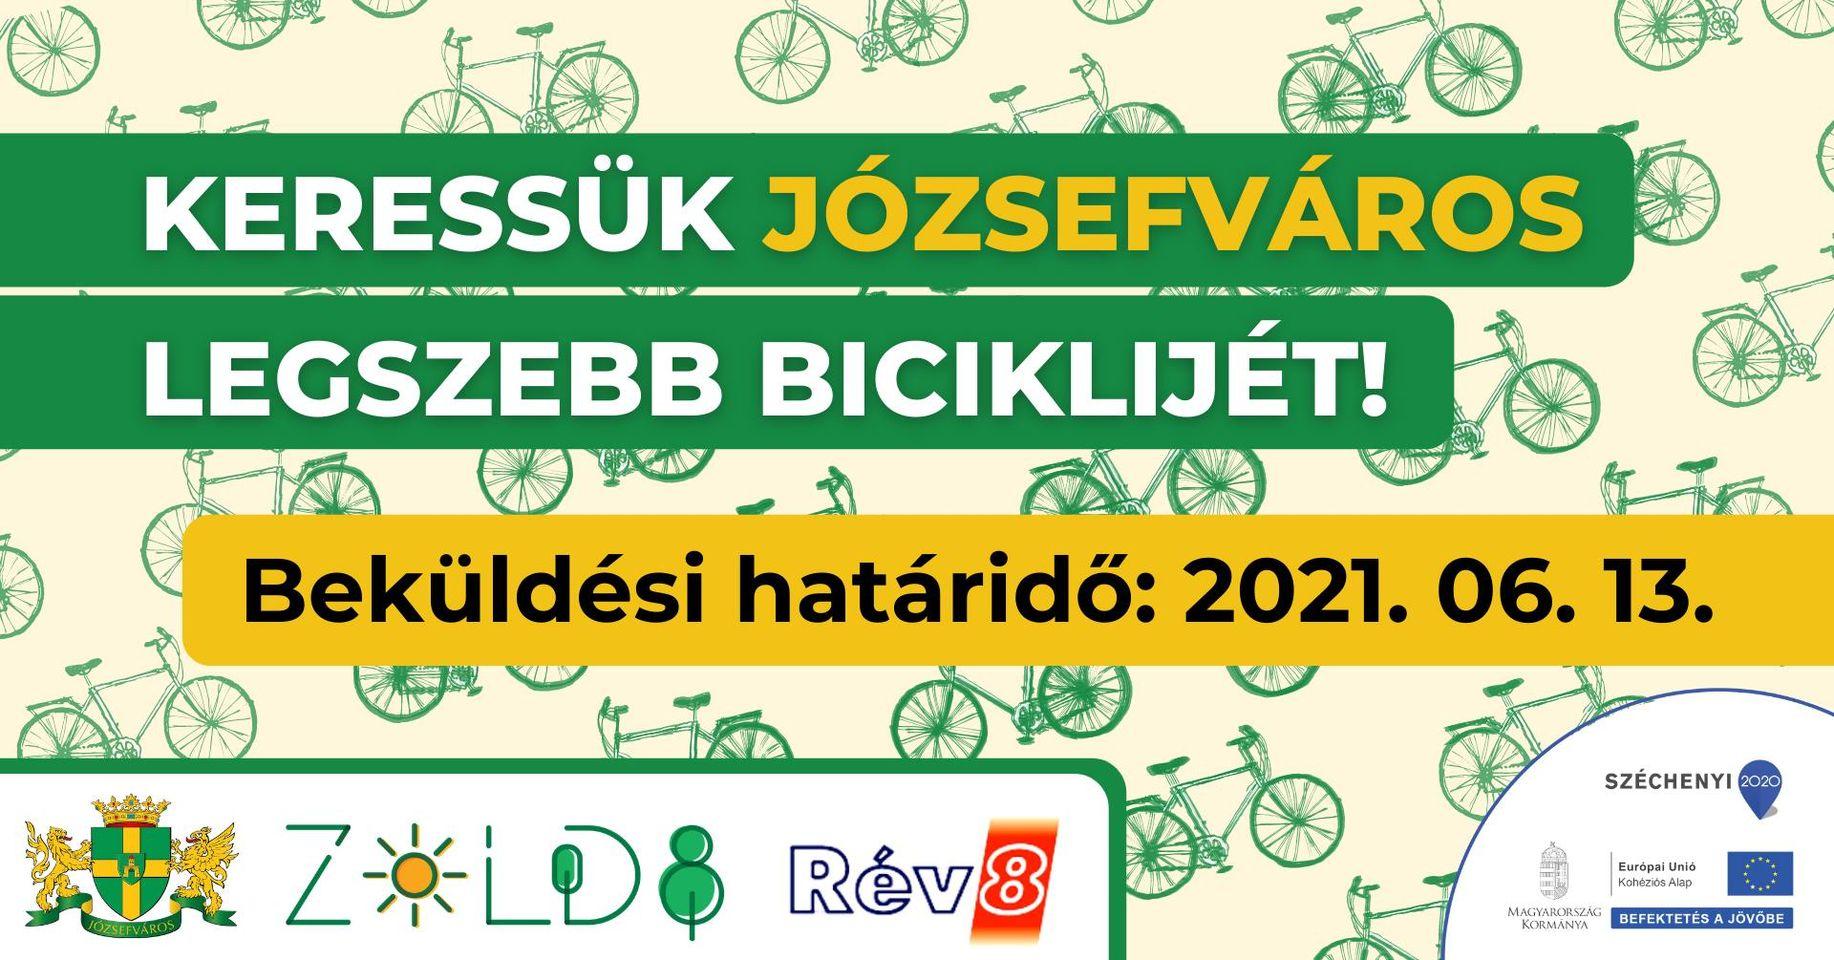 Keressük a kerület legszebb biciklijét!